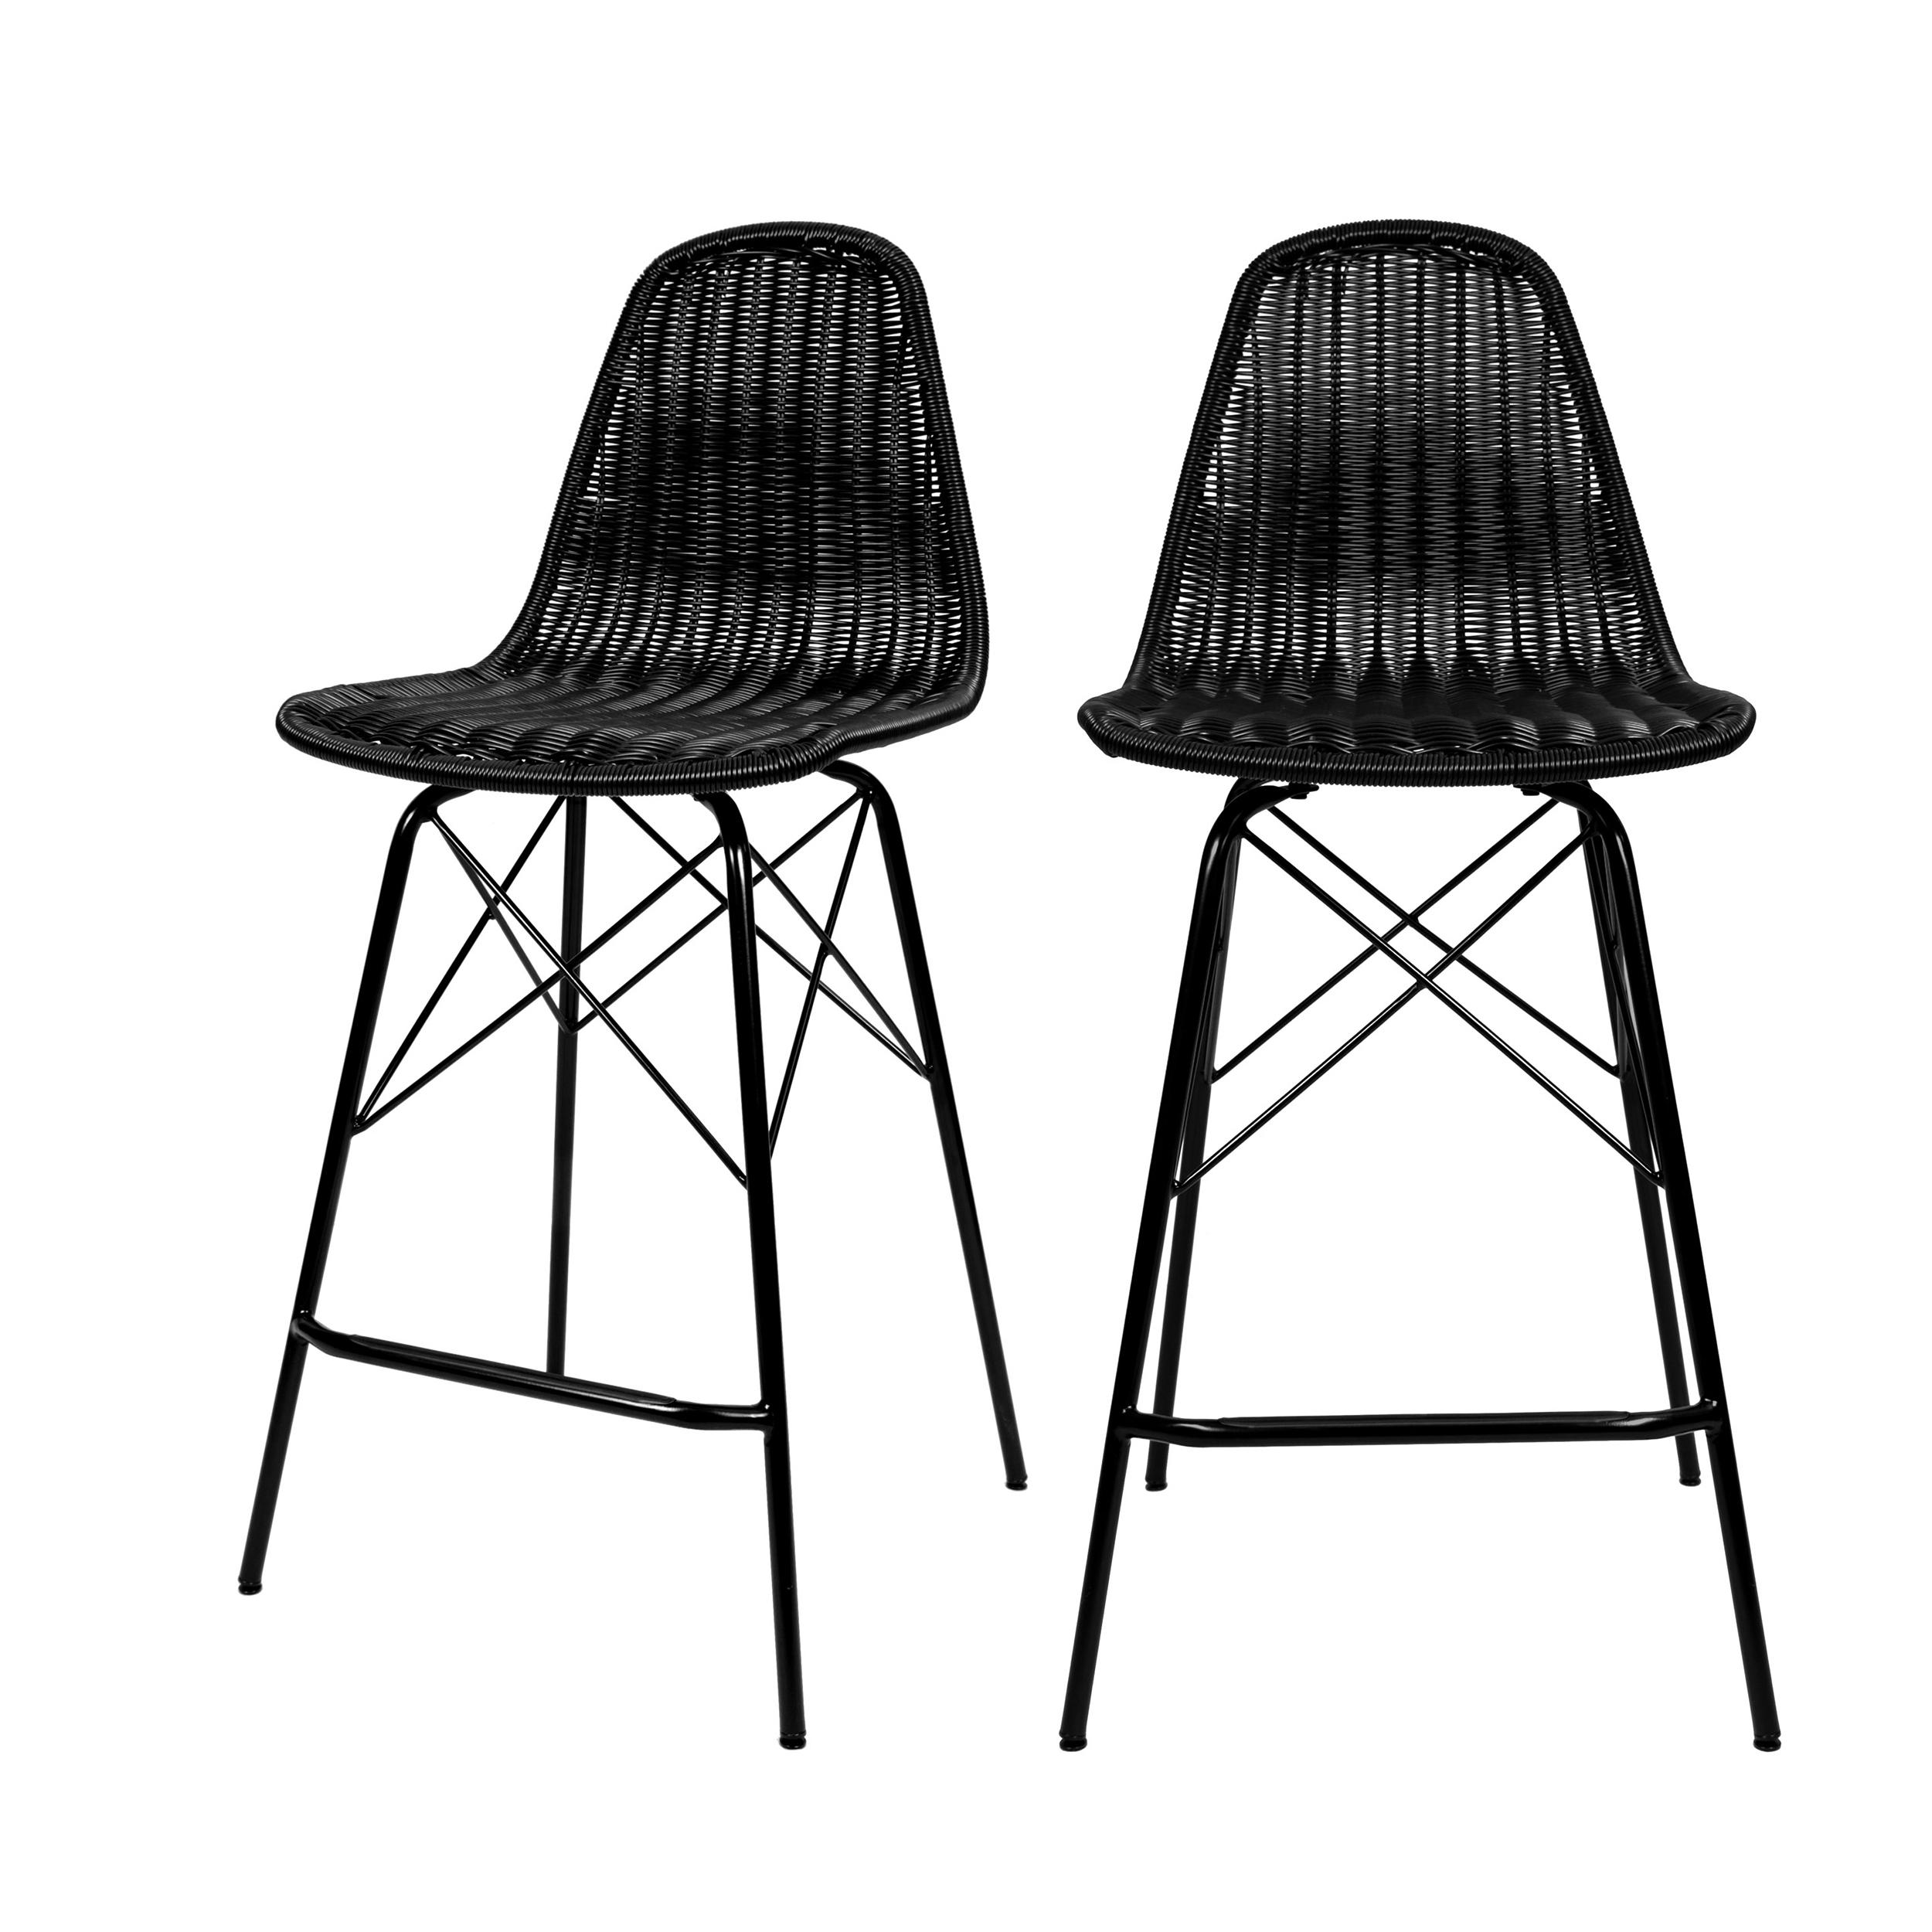 Chaise de bar 63 cm en résine tressé noire (lot de 2)